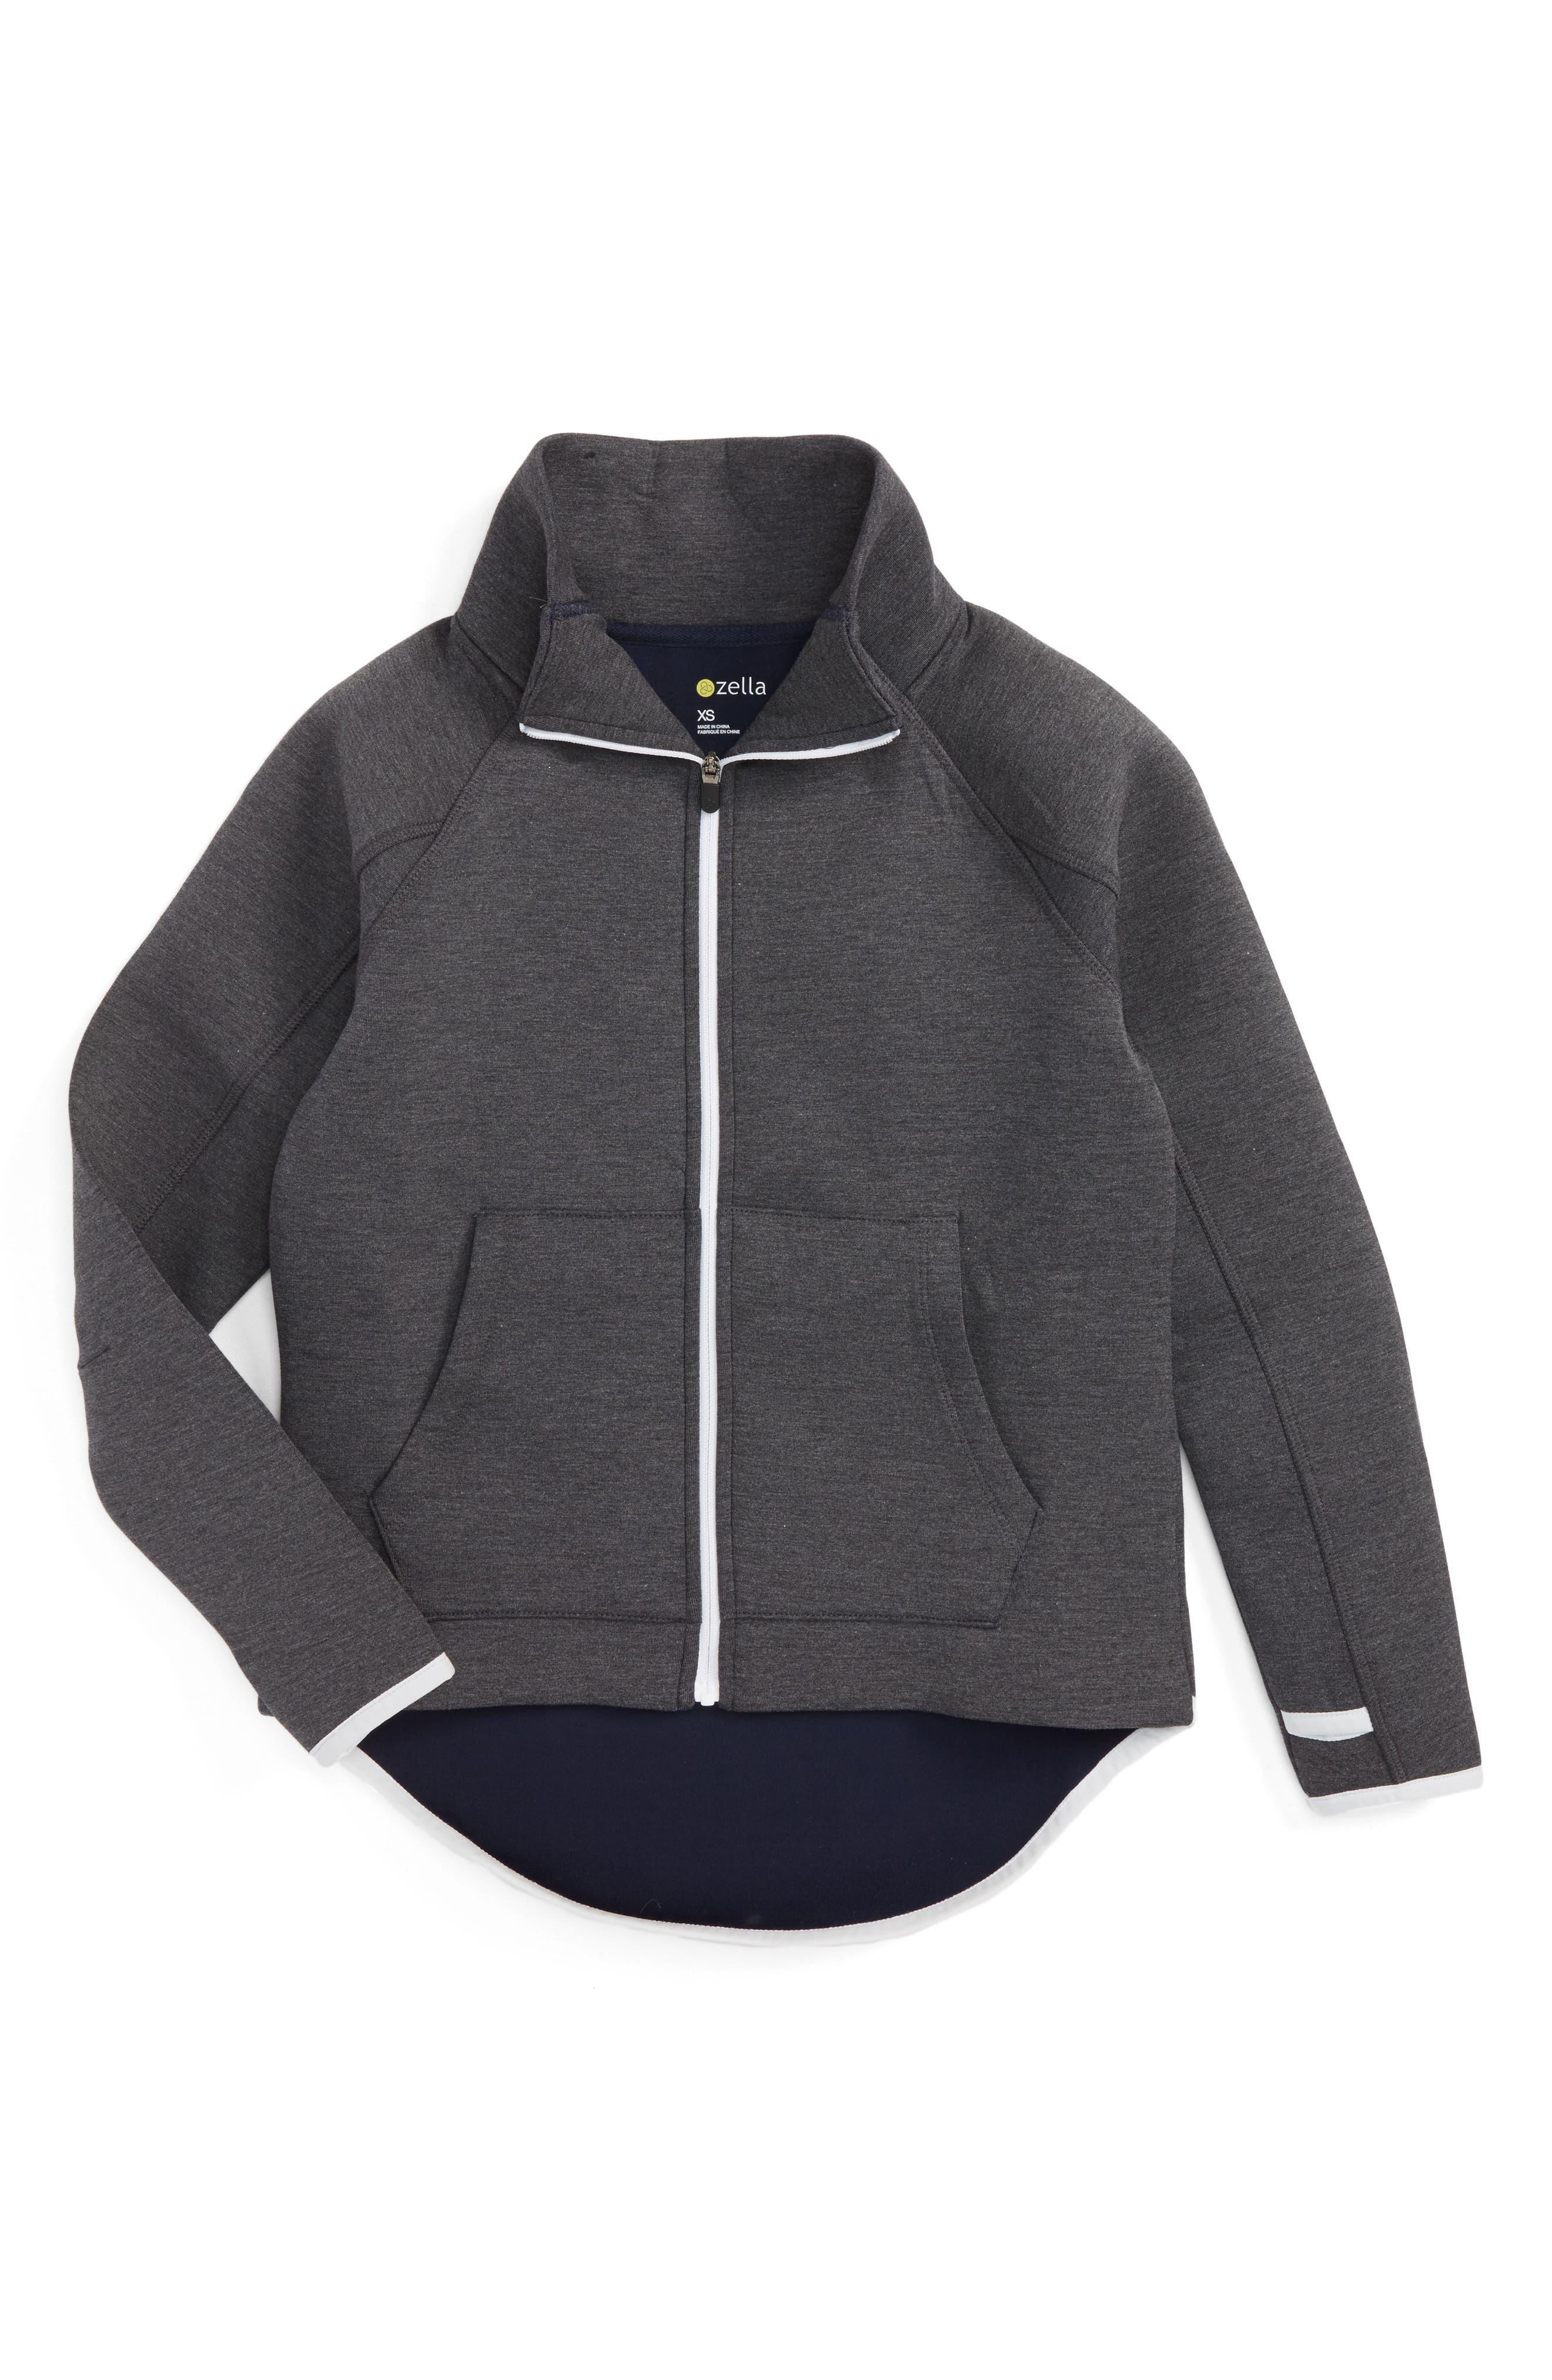 Raglan Sleeve Zip-Up Jacket,                         Main,                         color, Grey Medium Charcoal Heather